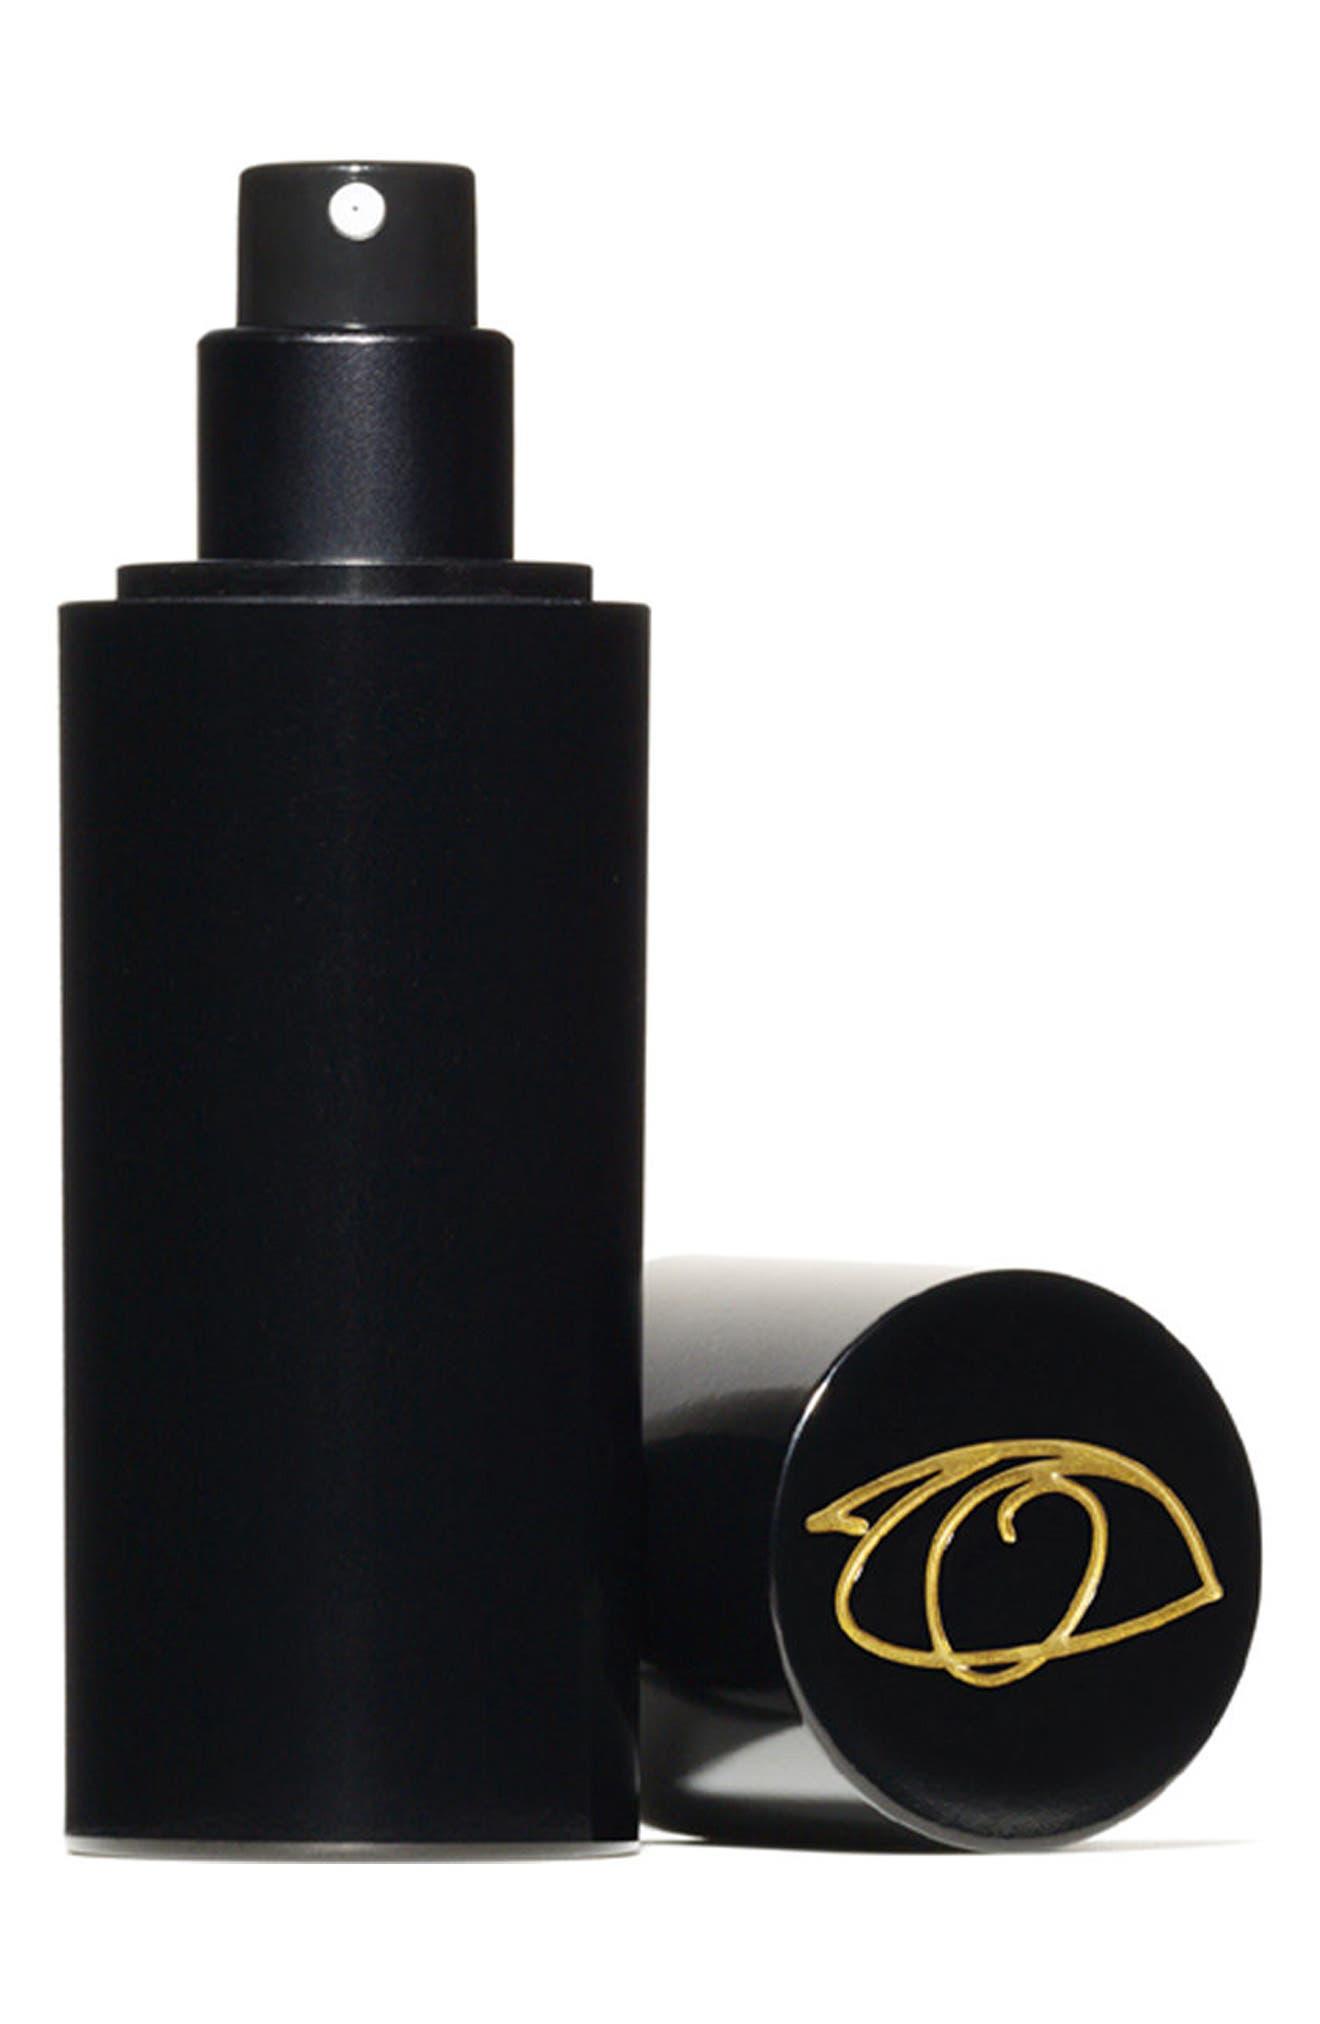 Editions de Parfums Frédéric Malle Alber Elbaz Superstitious Eau de Parfum Travel Spray Case,                             Main thumbnail 1, color,                             000